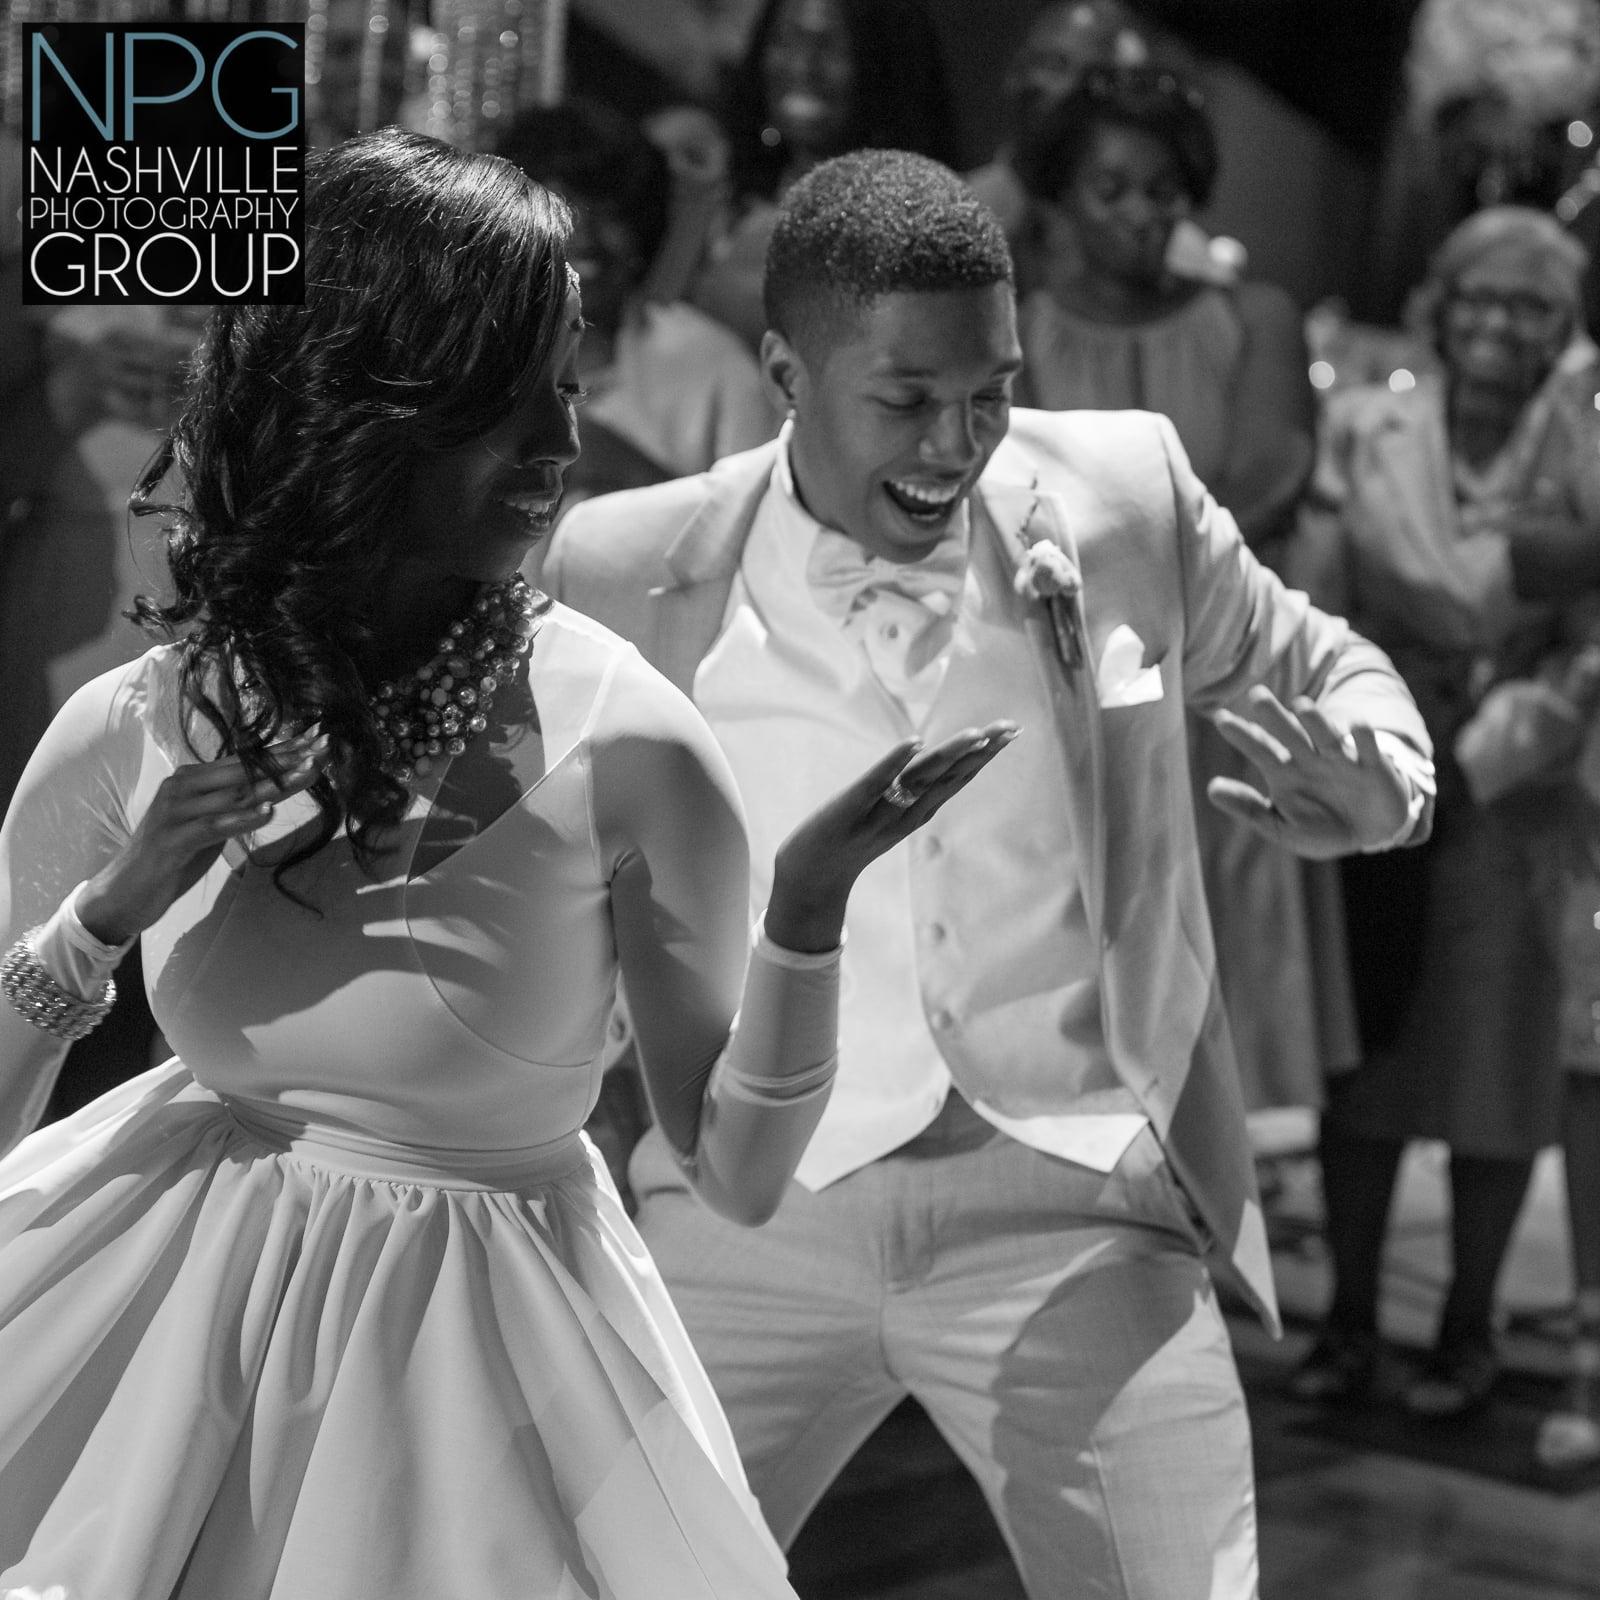 Nashville Photography Group wedding photographers.jpg